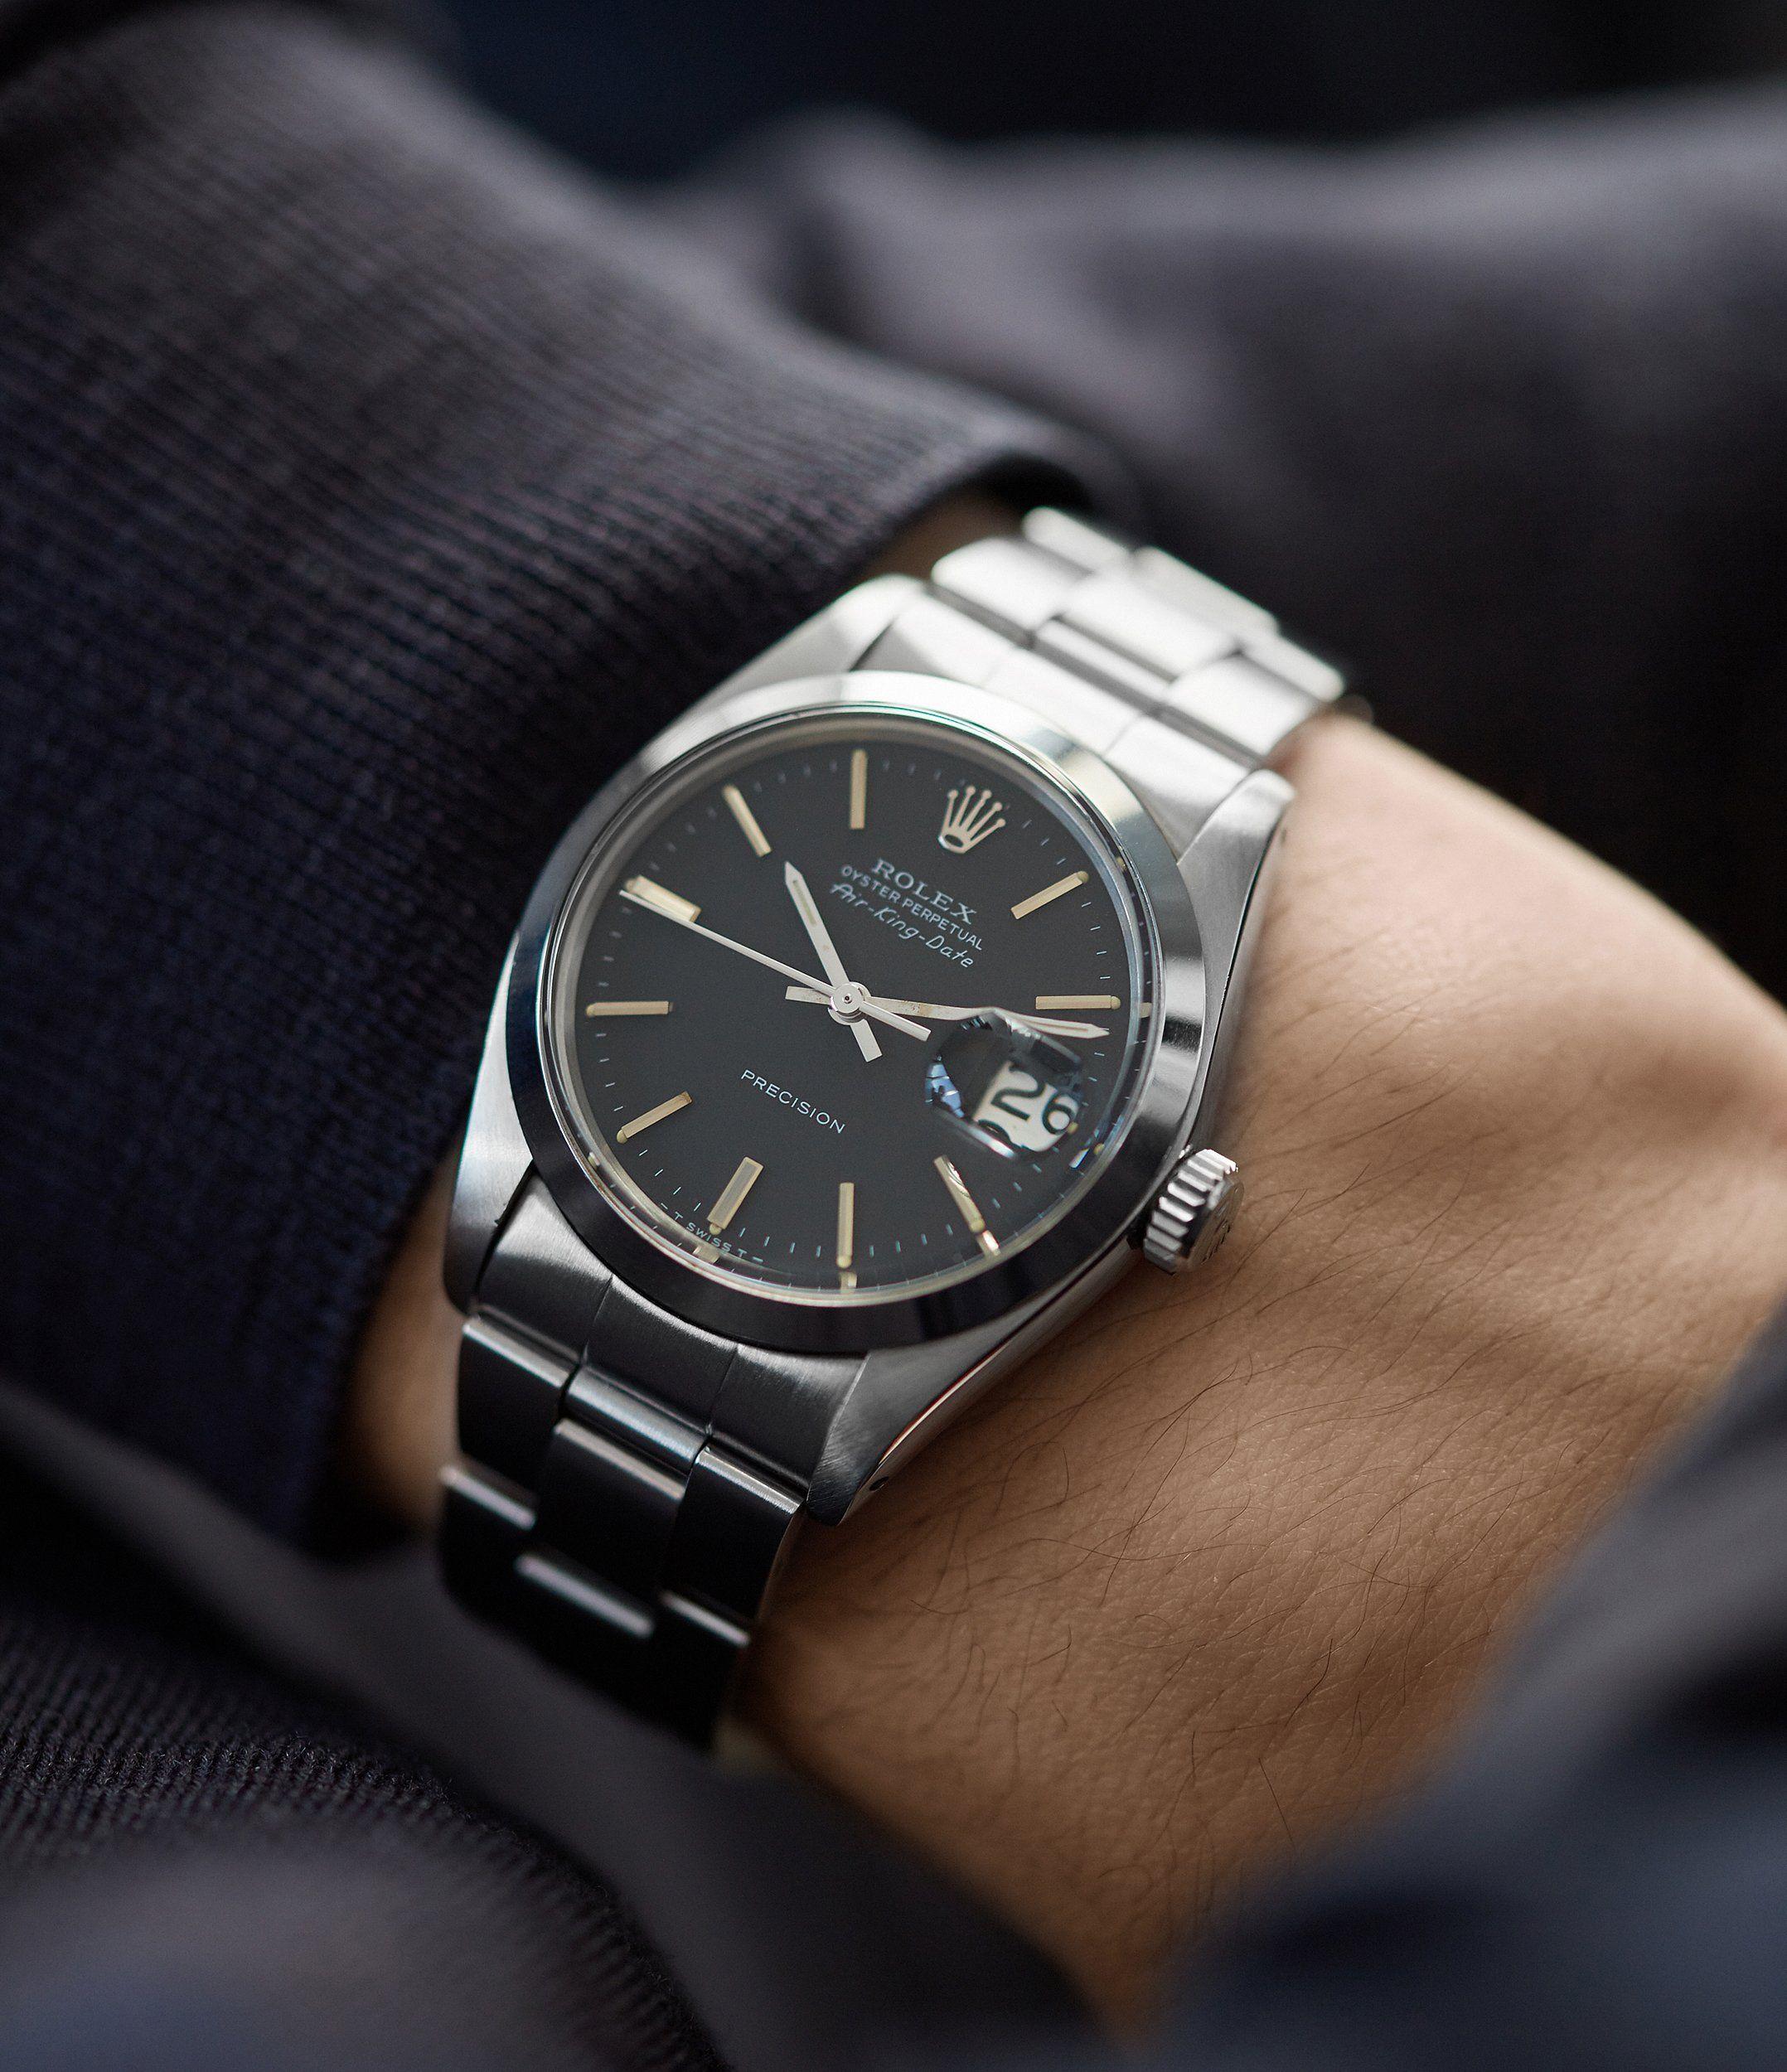 Les montres Rolex sont fabriquées à partir des meilleures